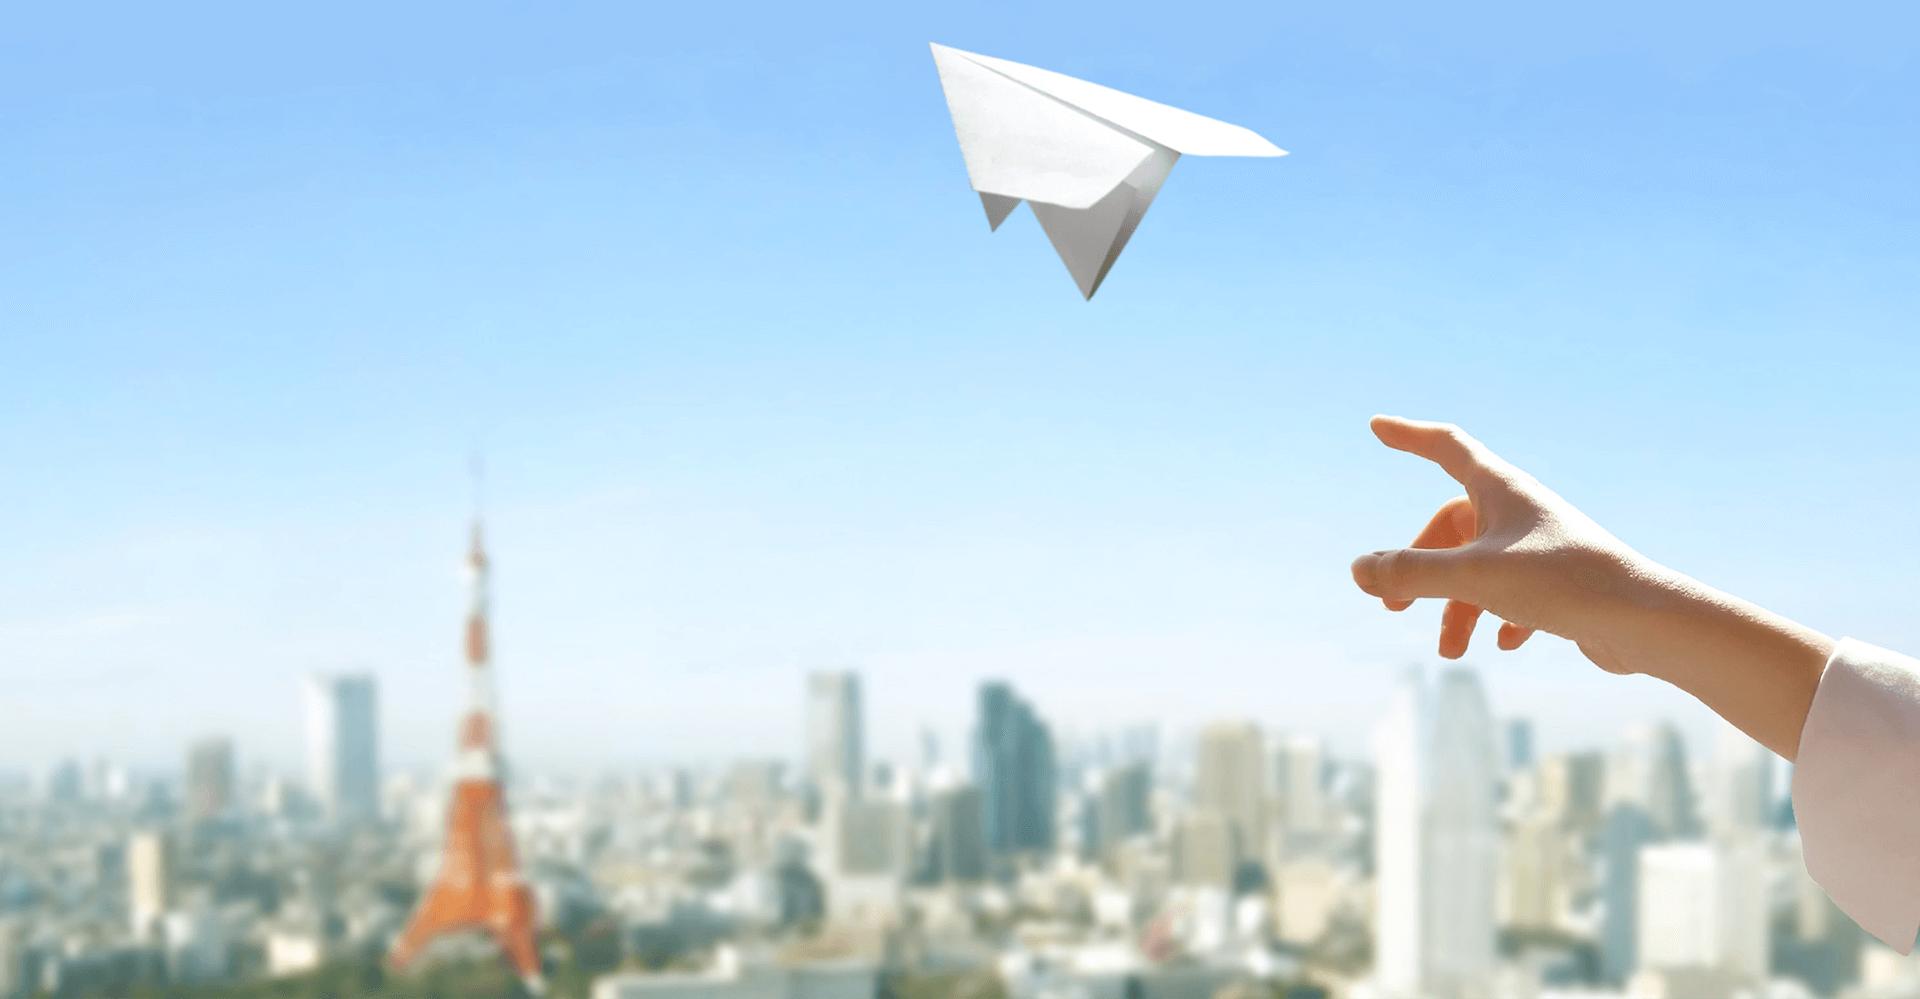 空へ紙飛行機を投げること